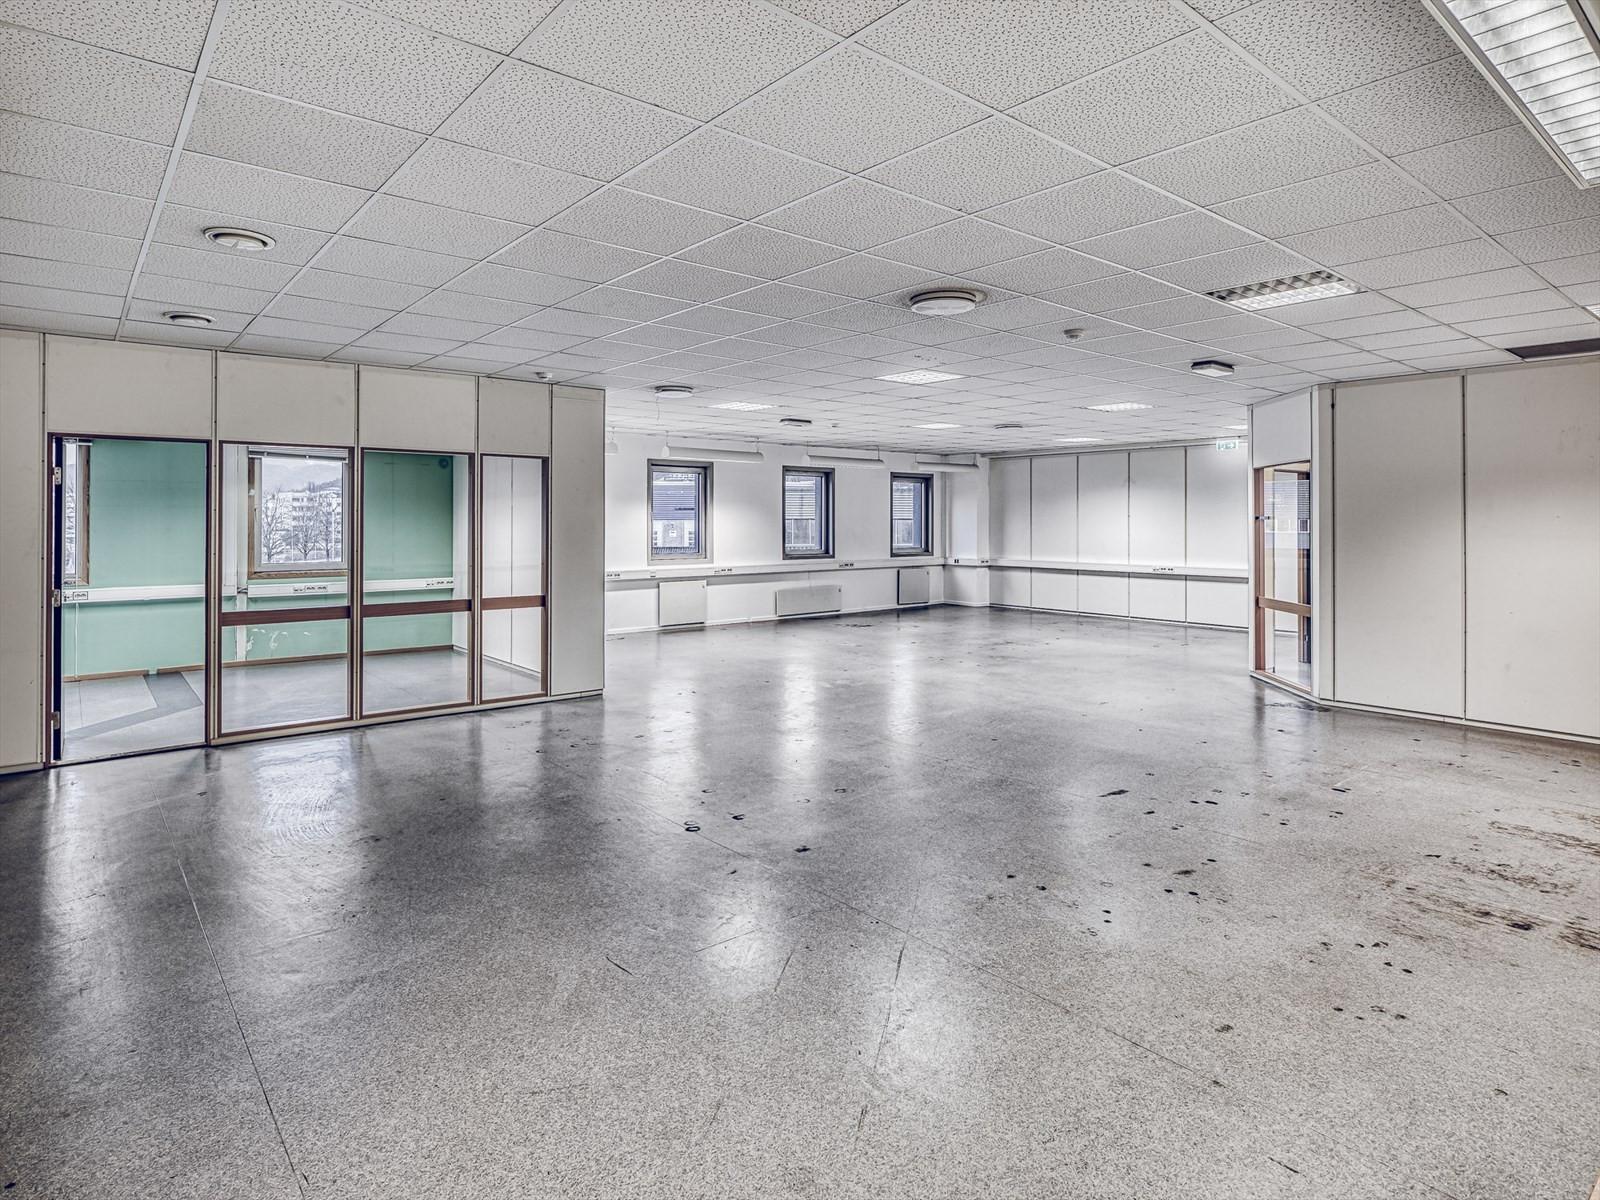 Romslige lokaler som kan tilpasses leietakers krav til standard og størrelse.